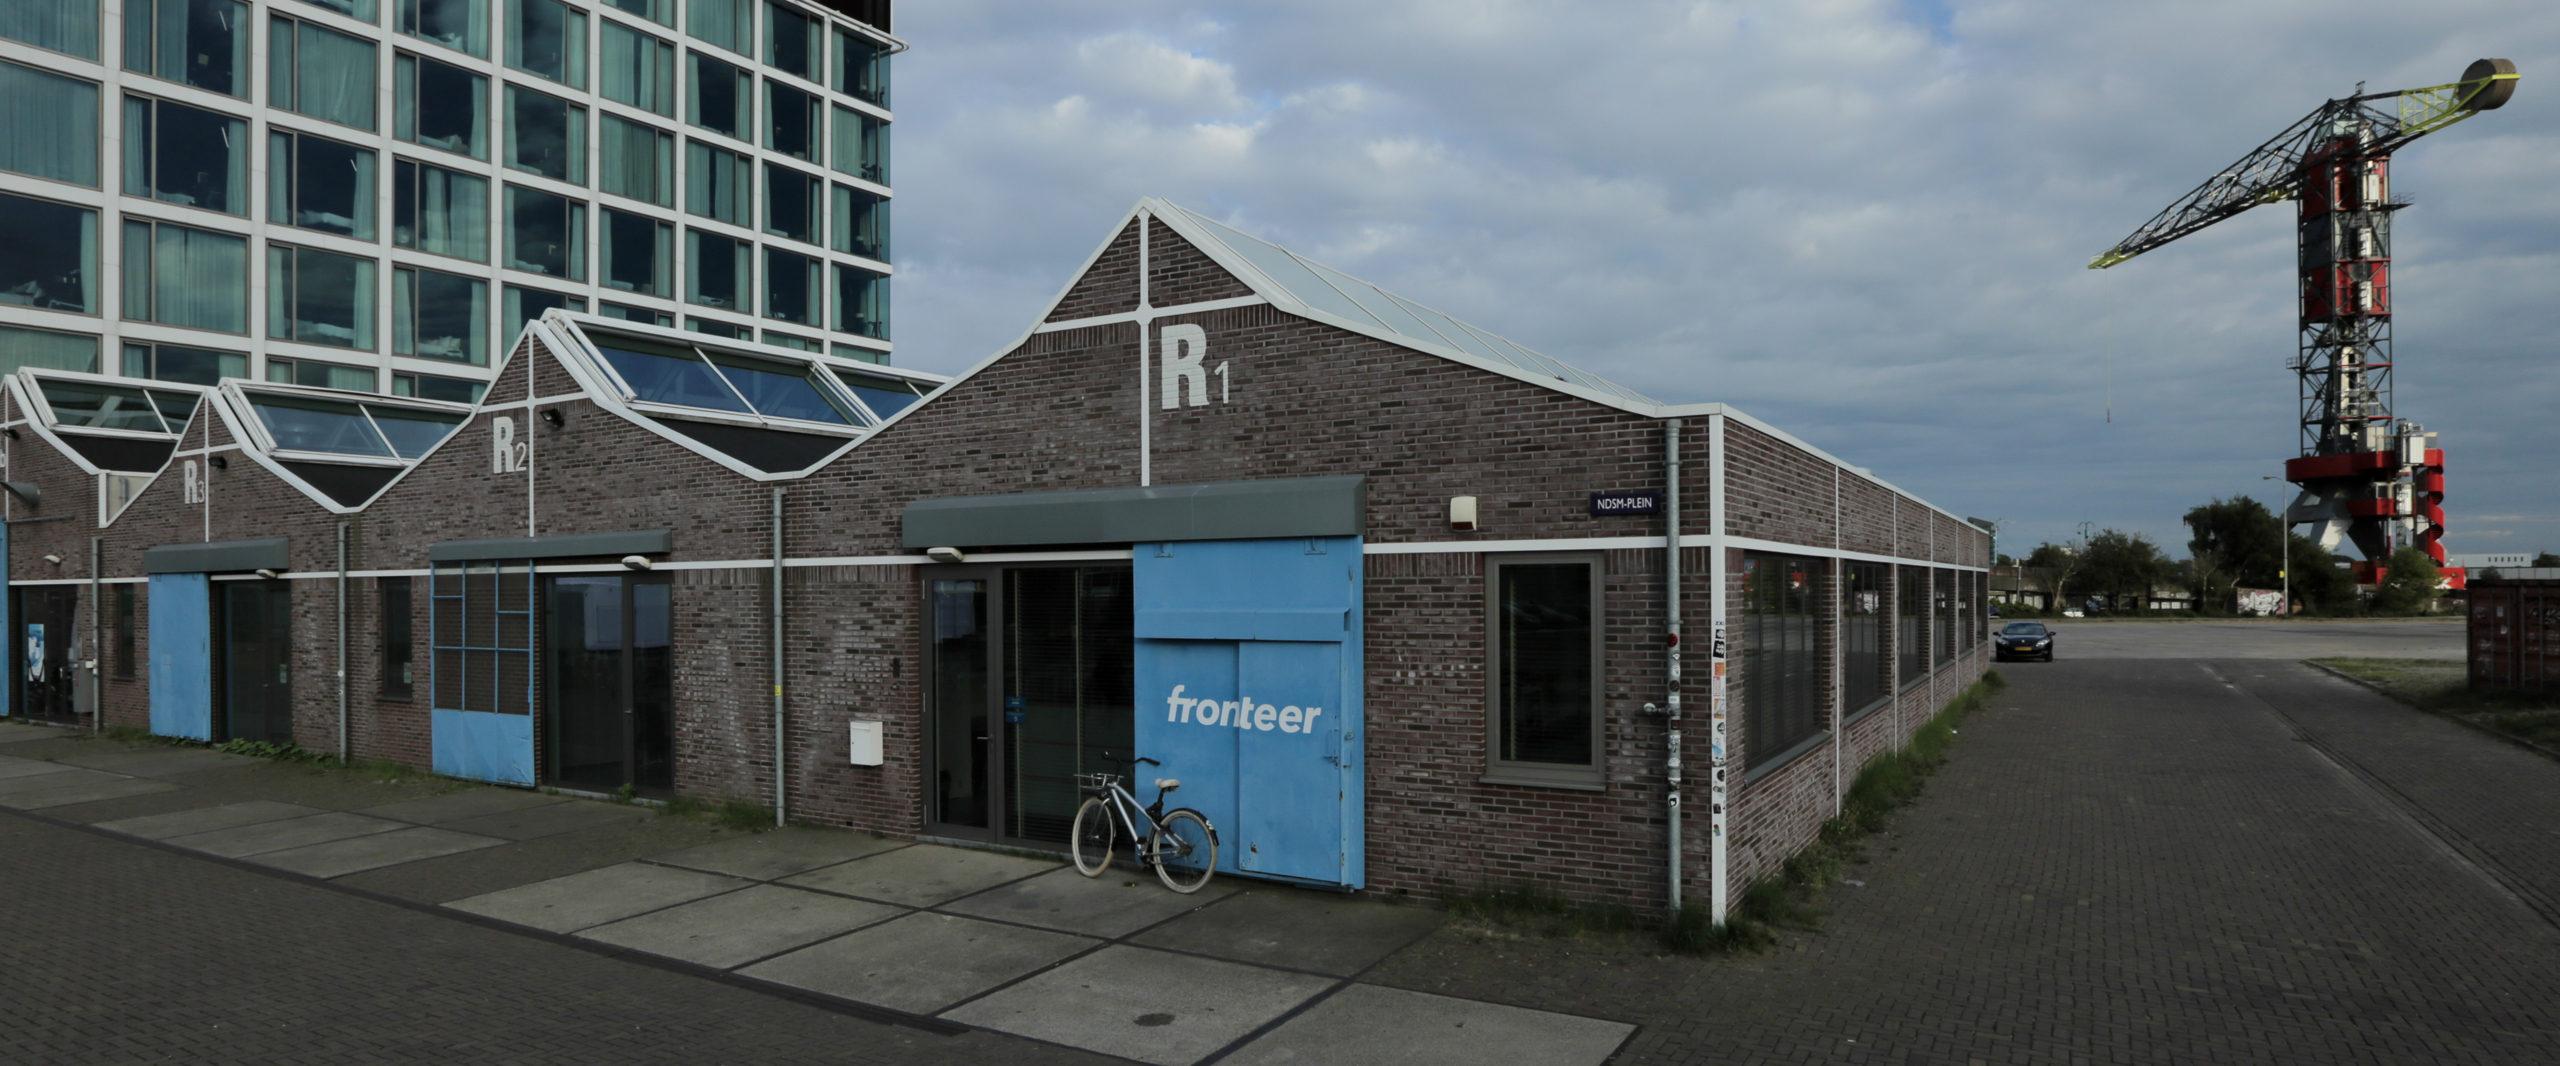 Fronteer is gevestigd op de NDSM-Werf in Amsterdam.